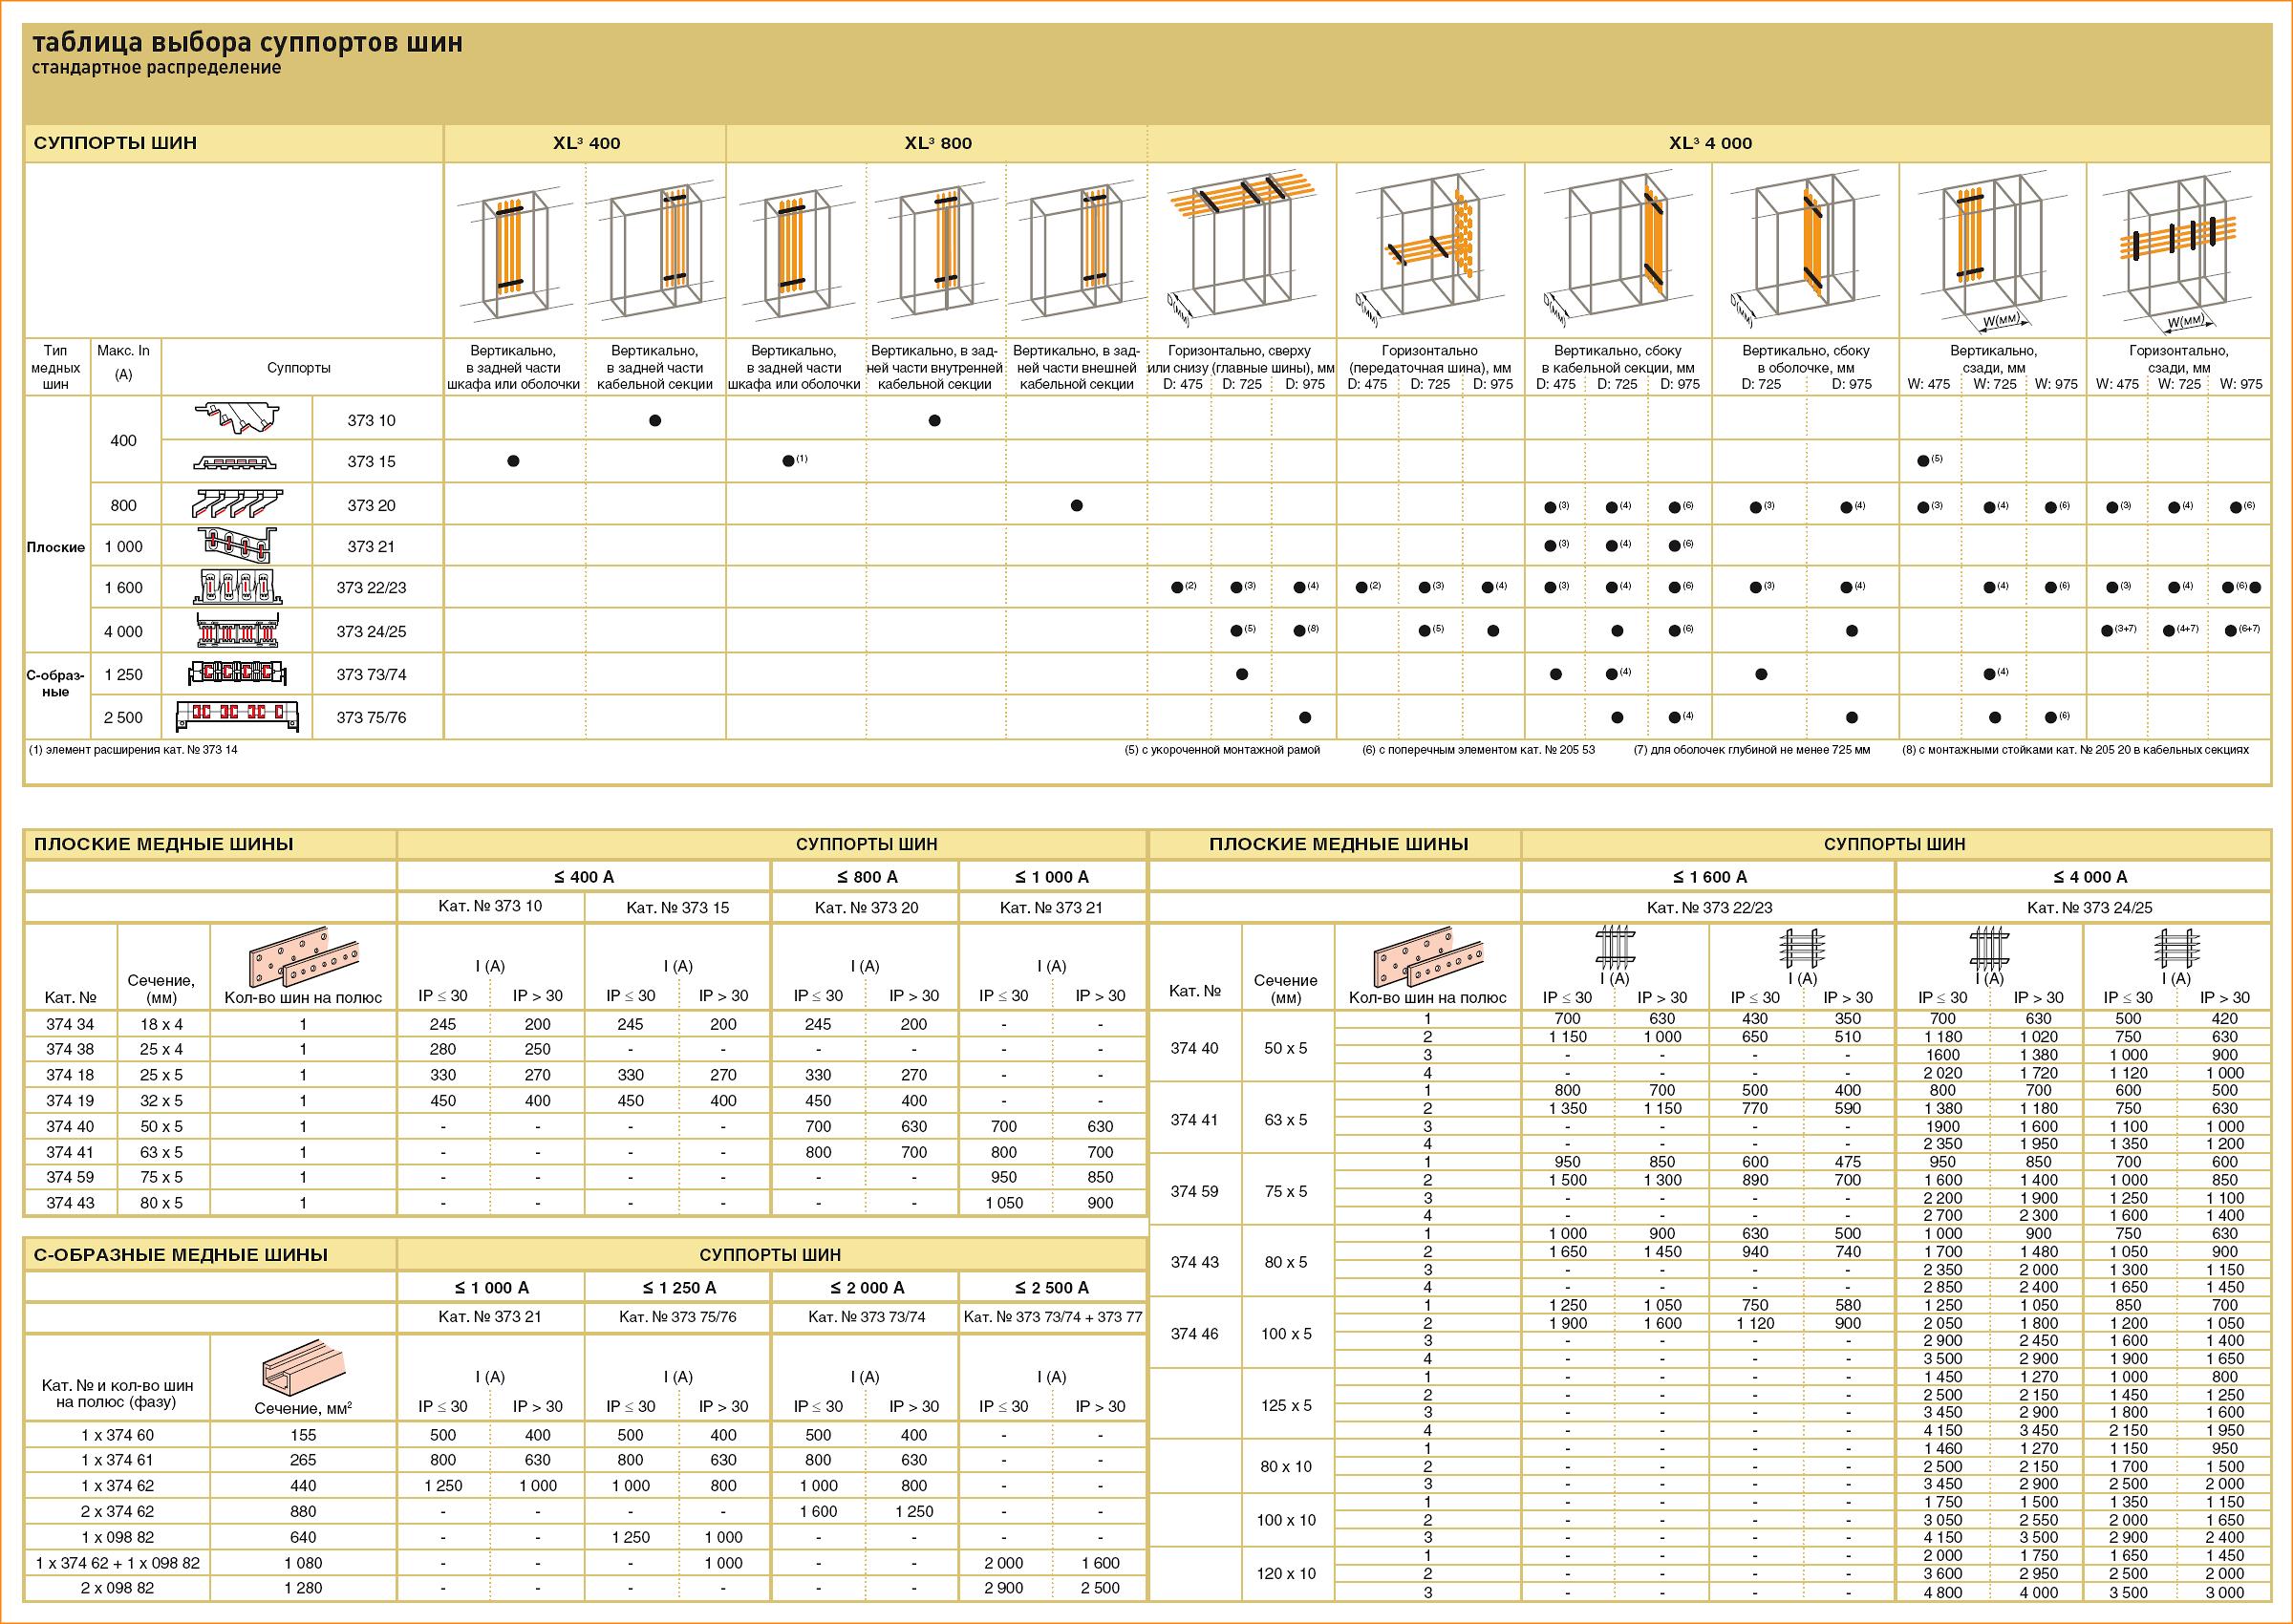 Таблица выбора суппортов шин LEGRAND